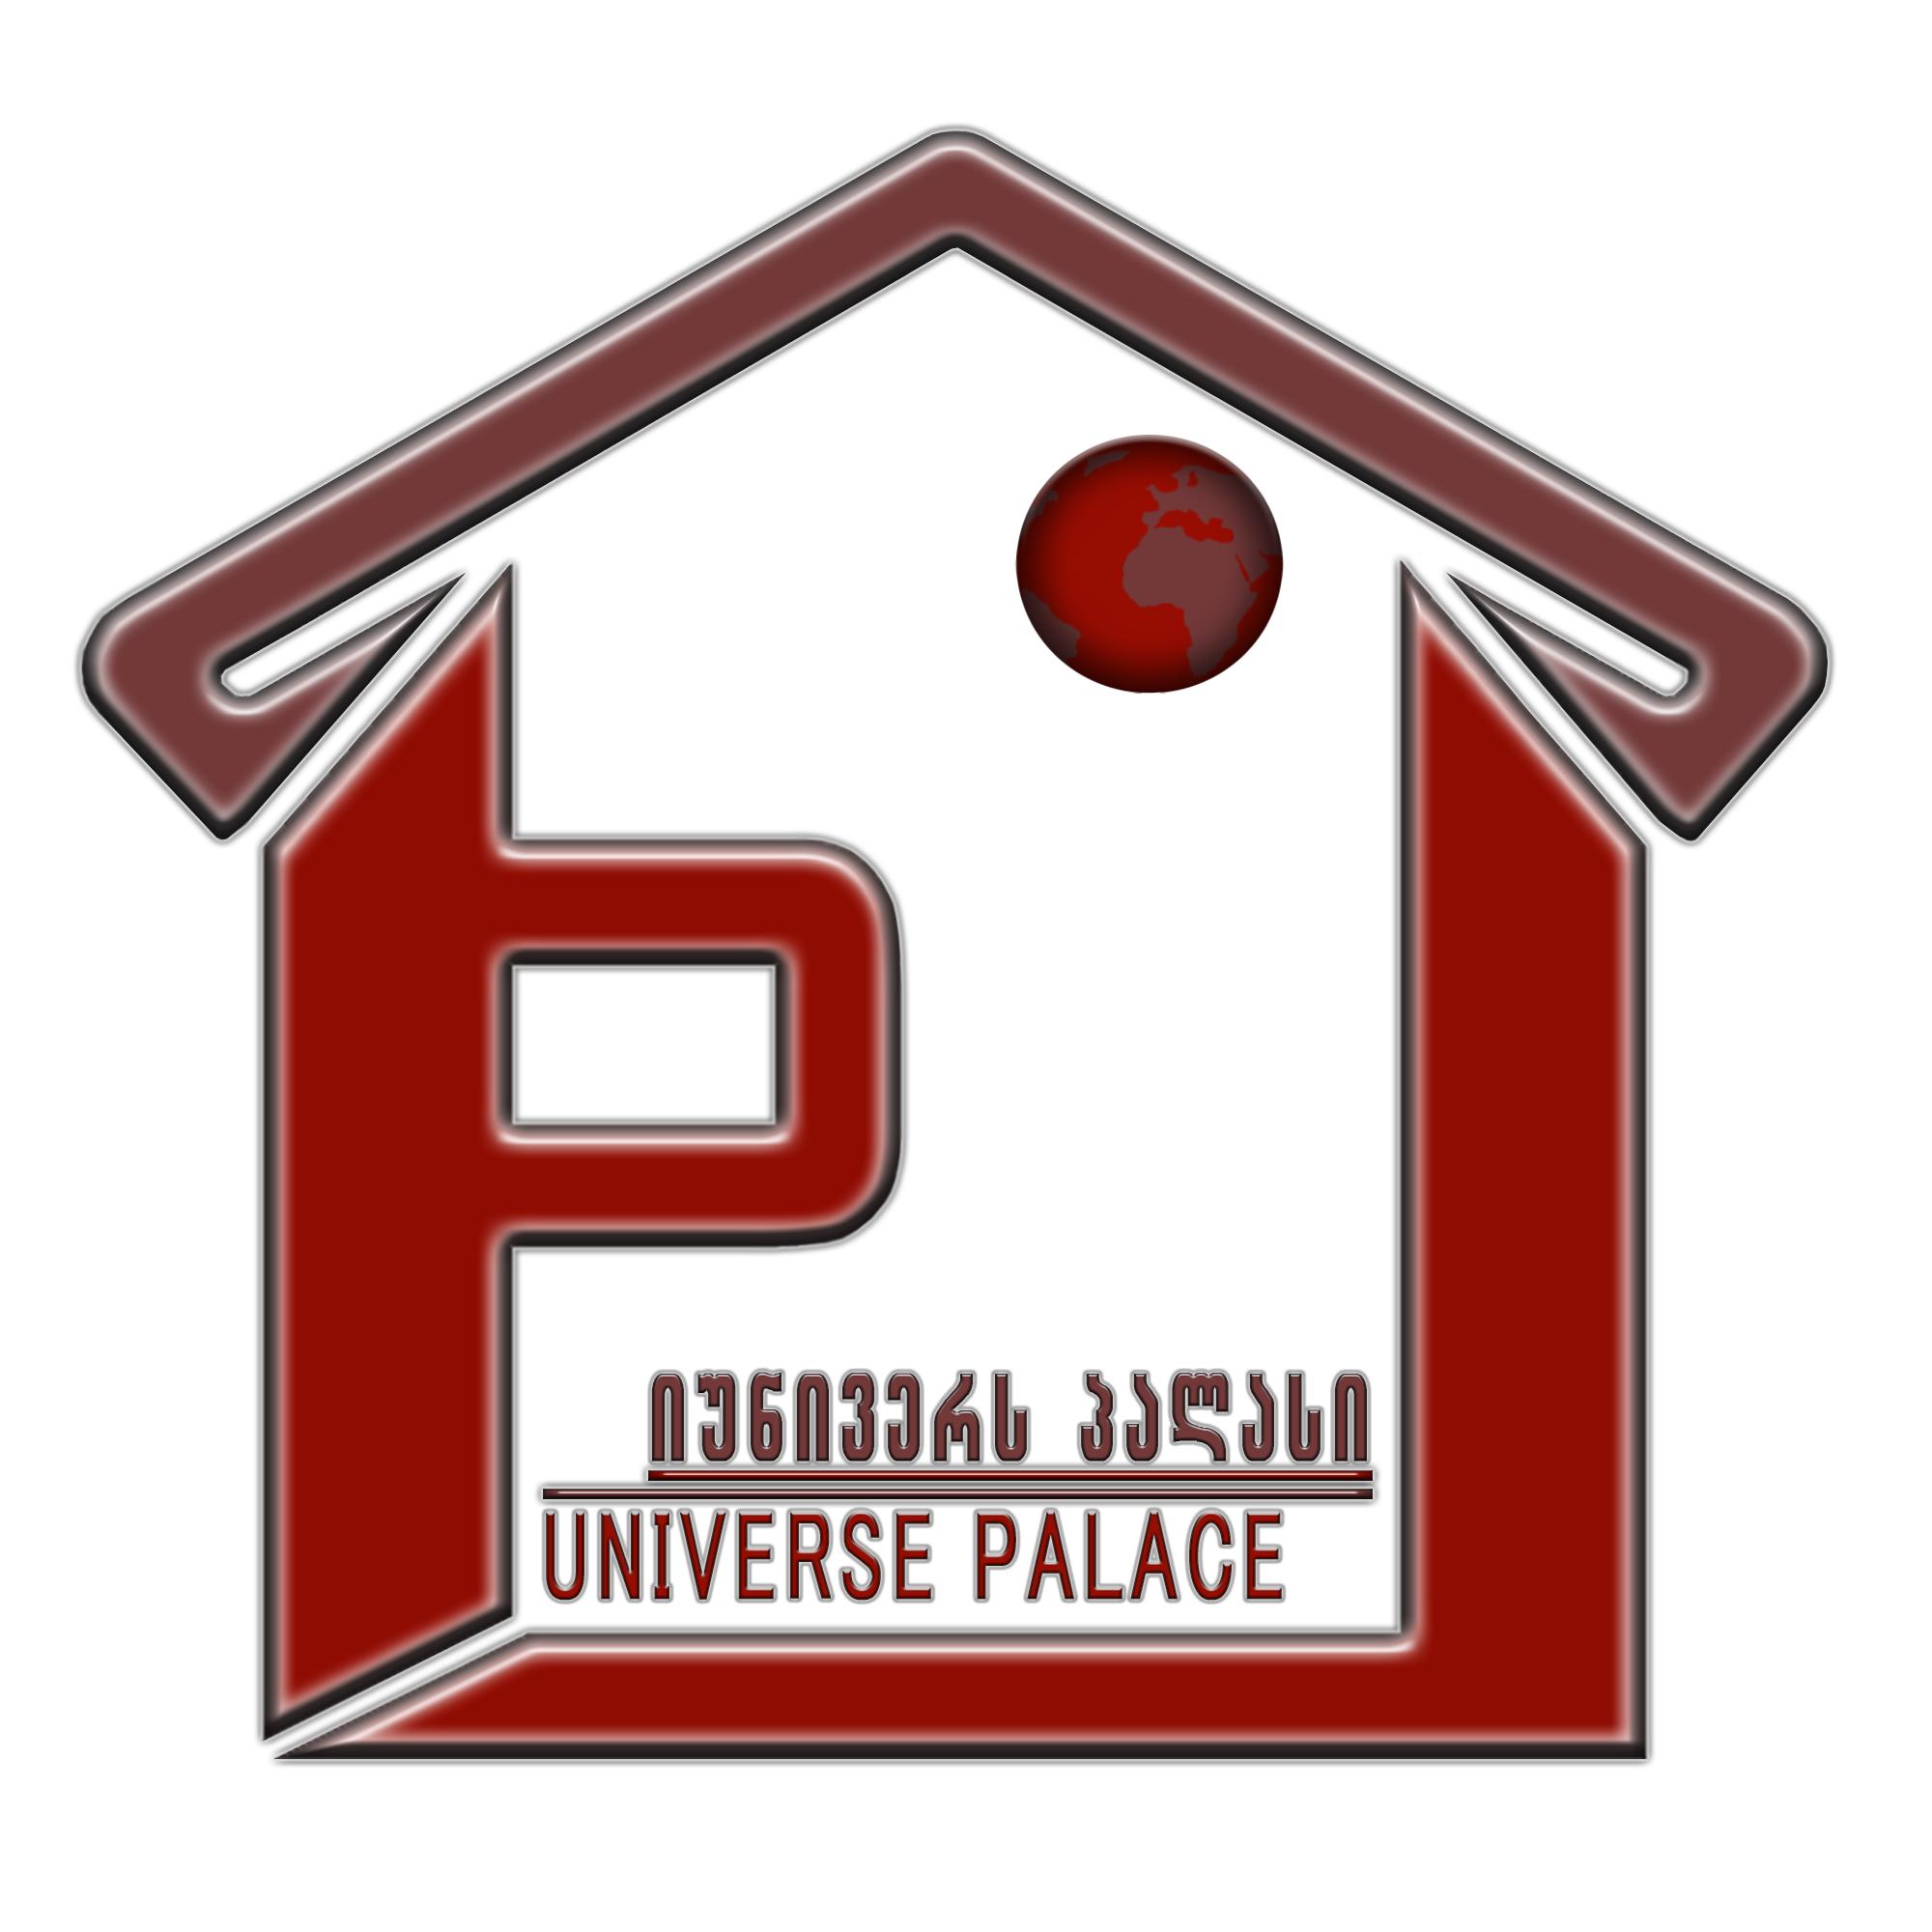 UniversePalace